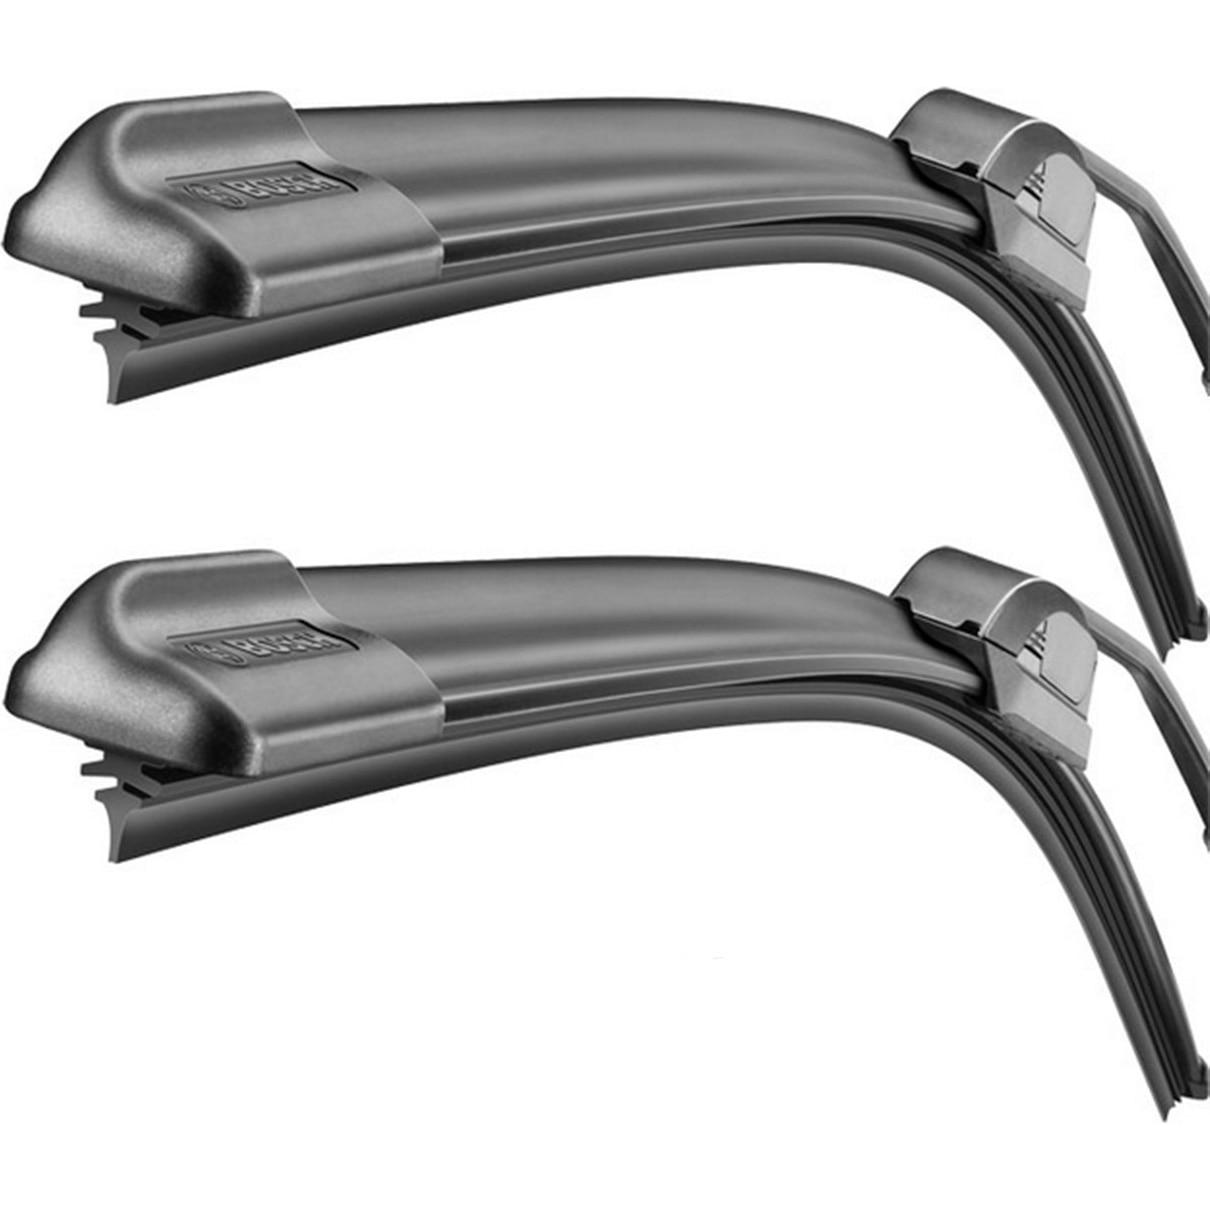 Fotografie Set stergatoare Bosch AeroTwin Retrofit, pentru parbriz 60 cm si 53 cm, pentru prindere clasica (carlig)